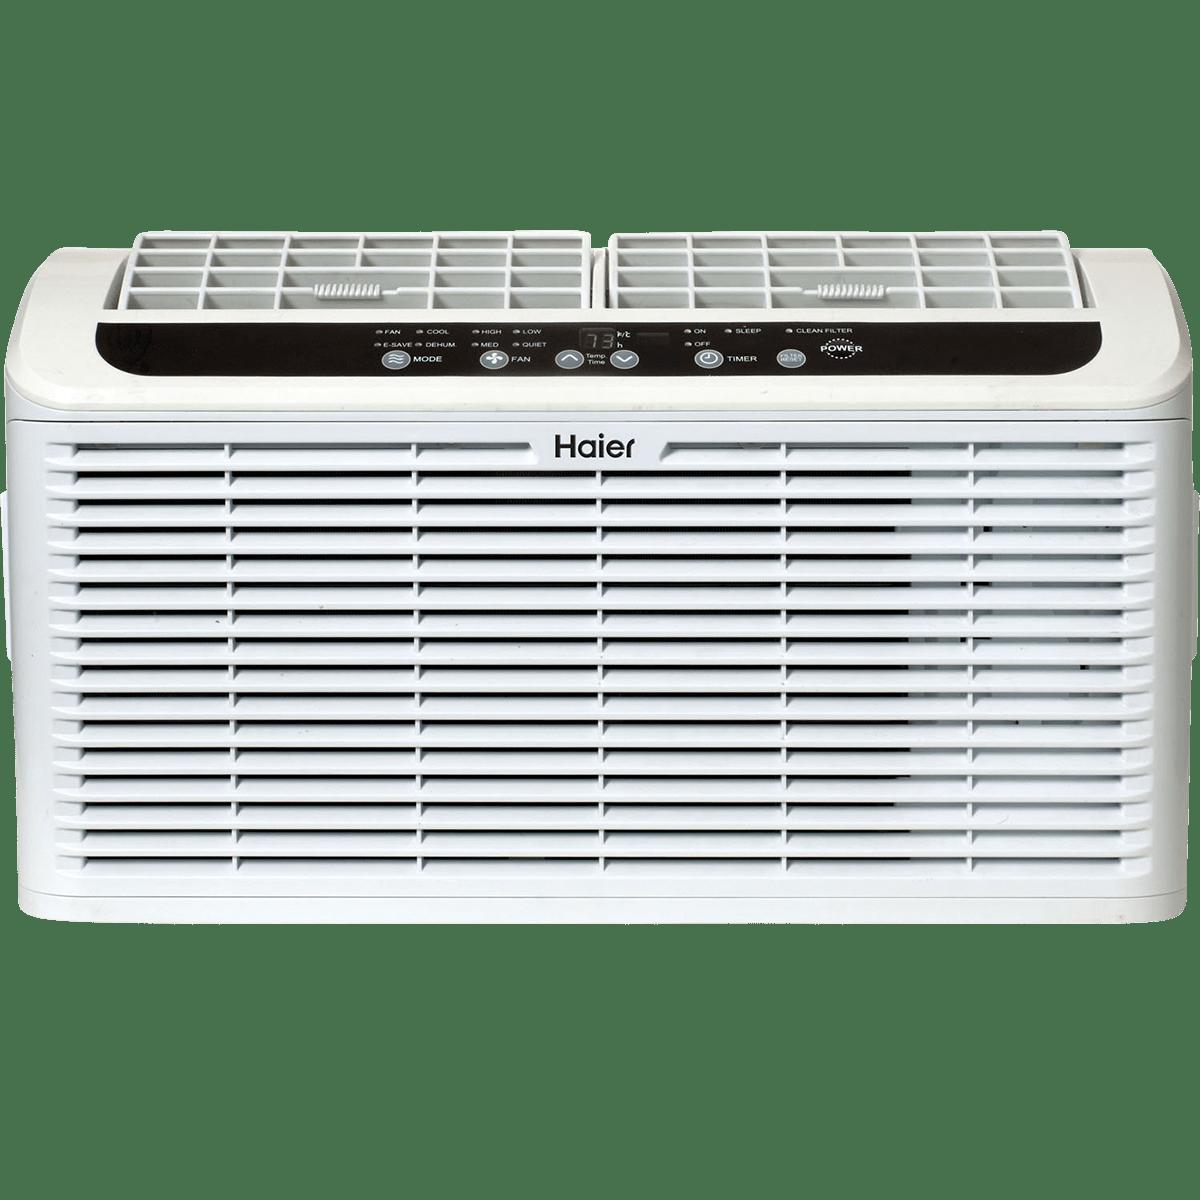 Haier ESAQ406P 6,050 BTU Window Air Conditioner ha5705